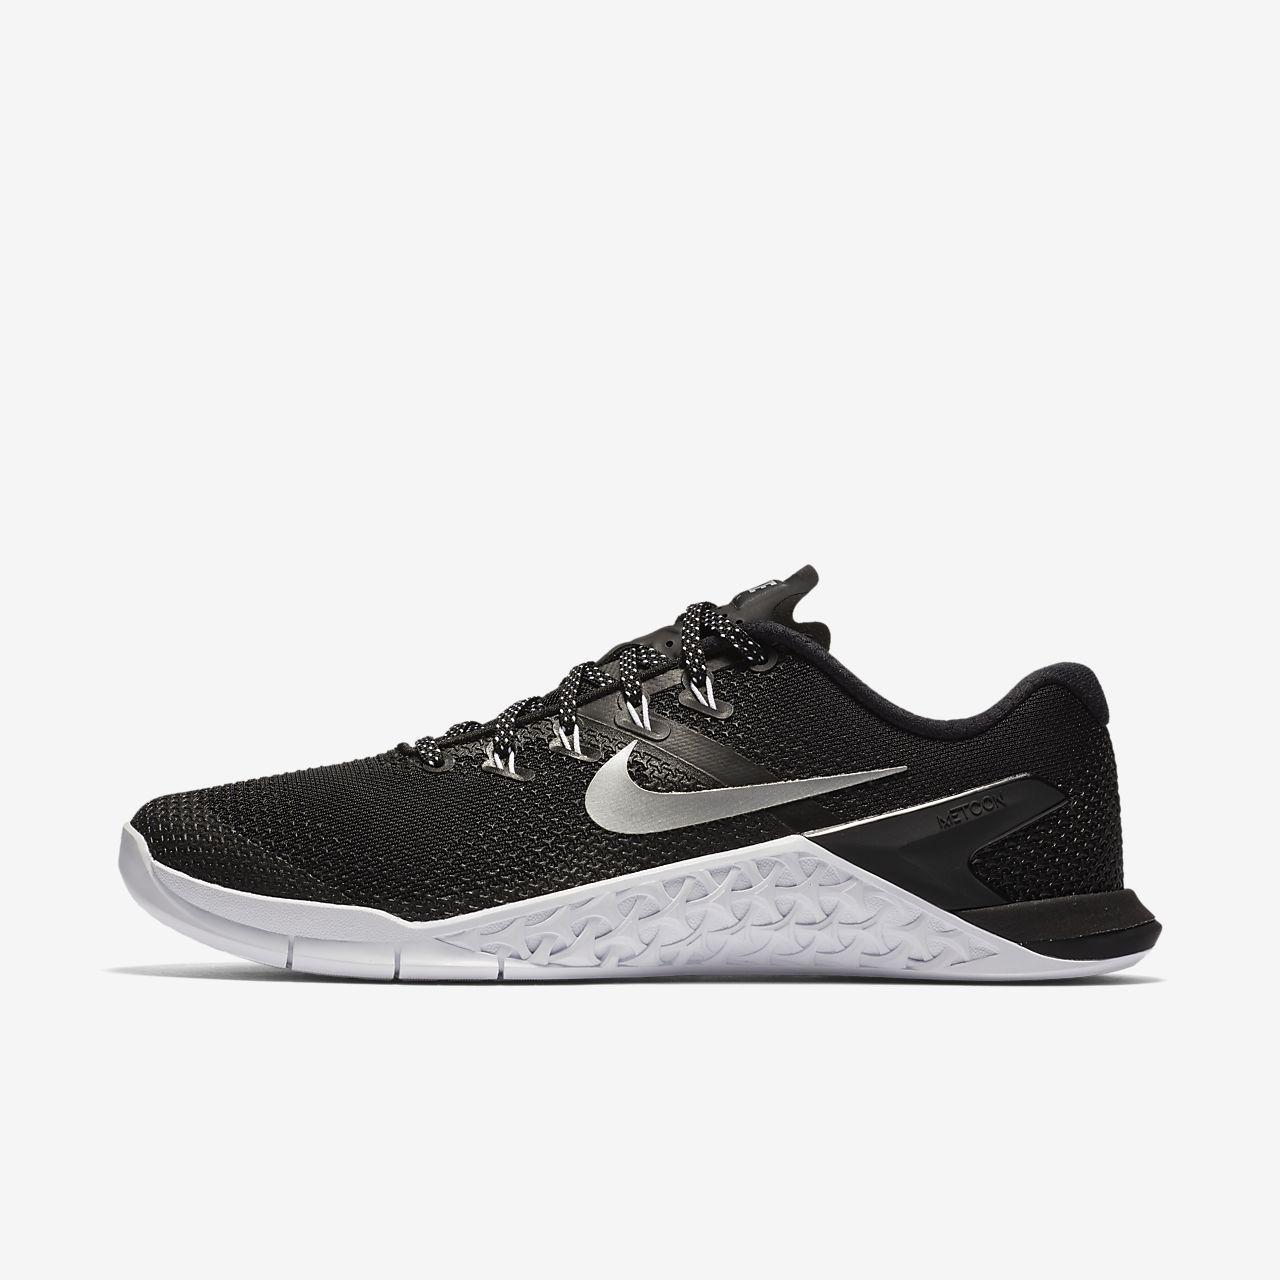 51fe9564af3 ... Chaussure de cross-training et de renforcement musculaire Nike Metcon 4  pour Femme